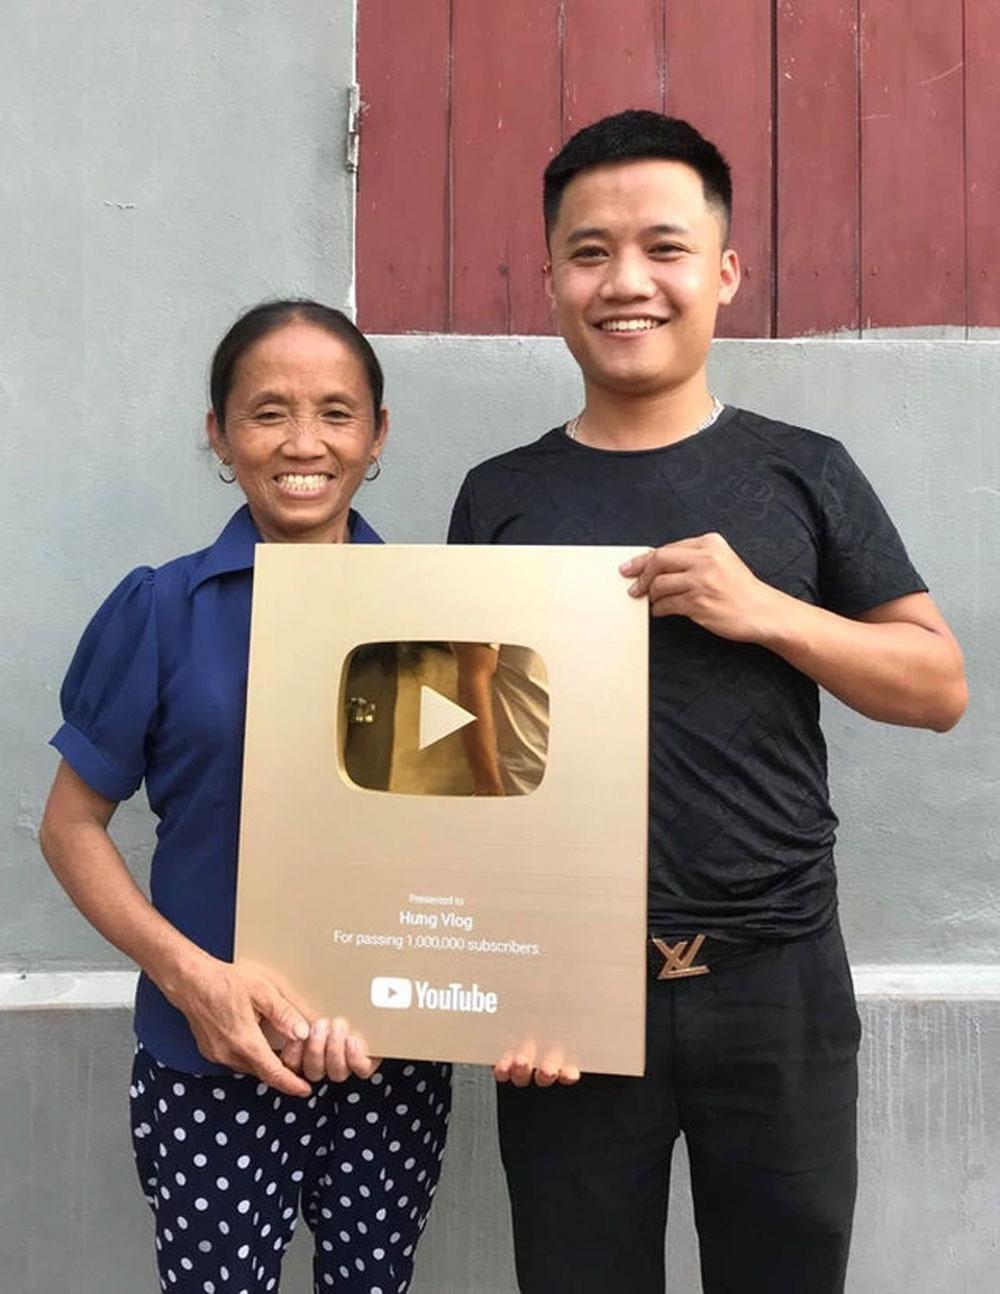 Bà Tân Vlog, kiếm 400 triệu đồng/tháng, hai con trai, Youtuber